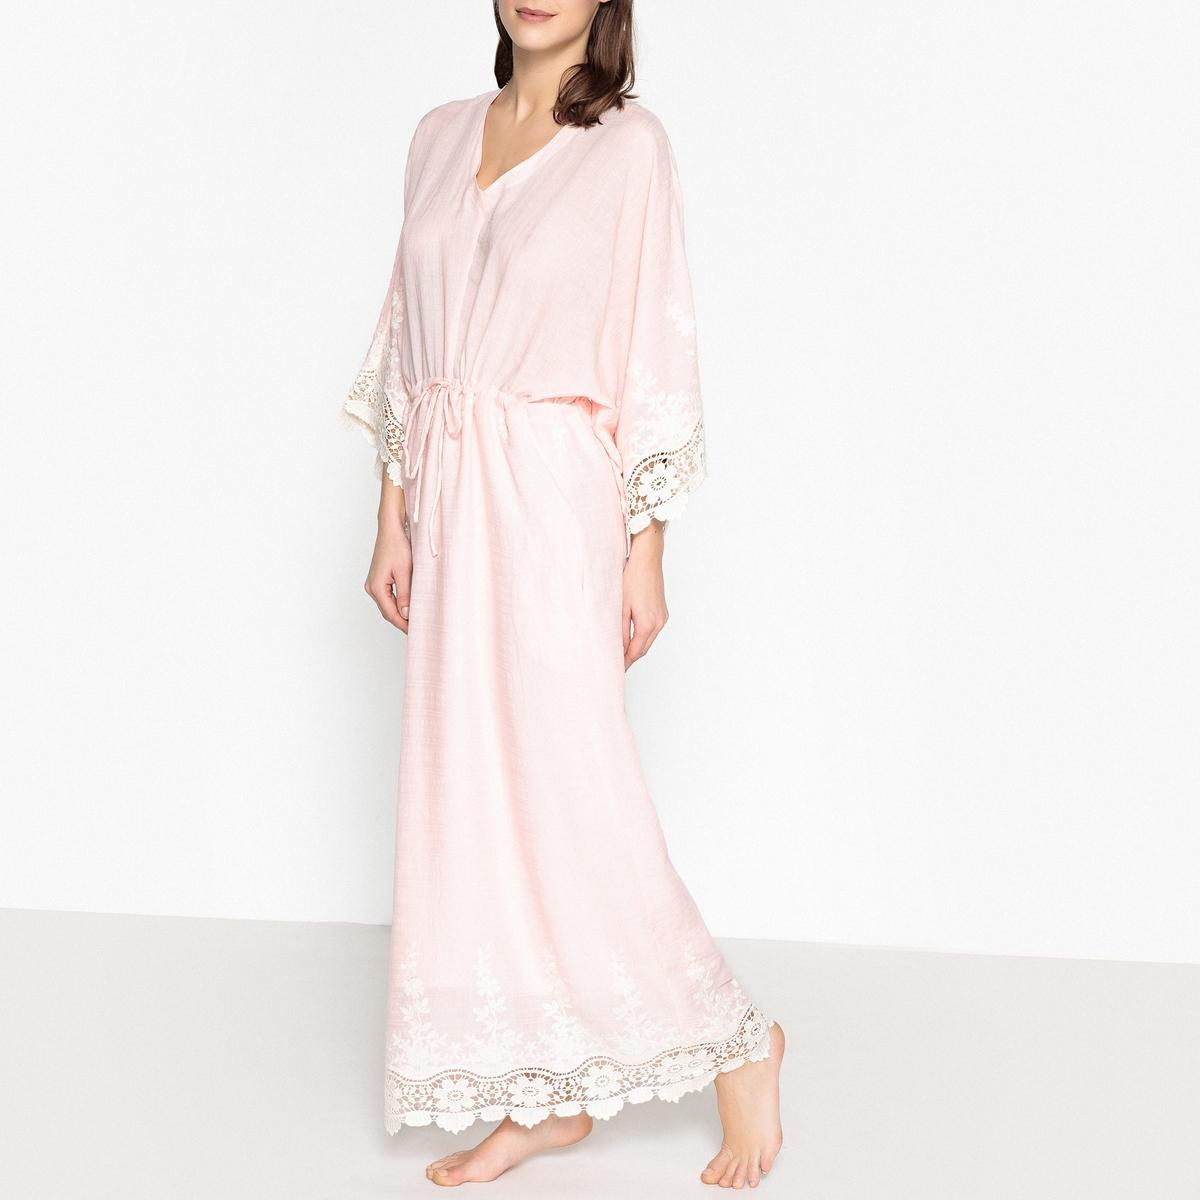 Платье длинное с вышивкой JEMMAОписаниеДлинное платье с вышивкой VALERIE KHALFON - модель JEMMA. Широкие рукава-кимоно, пояс с завязками на кулиске. Контрастная вышивка на рукавах и по низу. Детали •  Форма : расклешенная •  Длина ниже колен •  Длинные рукава    •   V-образный вырезСостав и уход •  50% вискозы, 50% хлопка •  Следуйте рекомендациям по уходу, указанным на этикетке изделия •  Длина : ок. 150 см для размера 36<br><br>Цвет: розовый